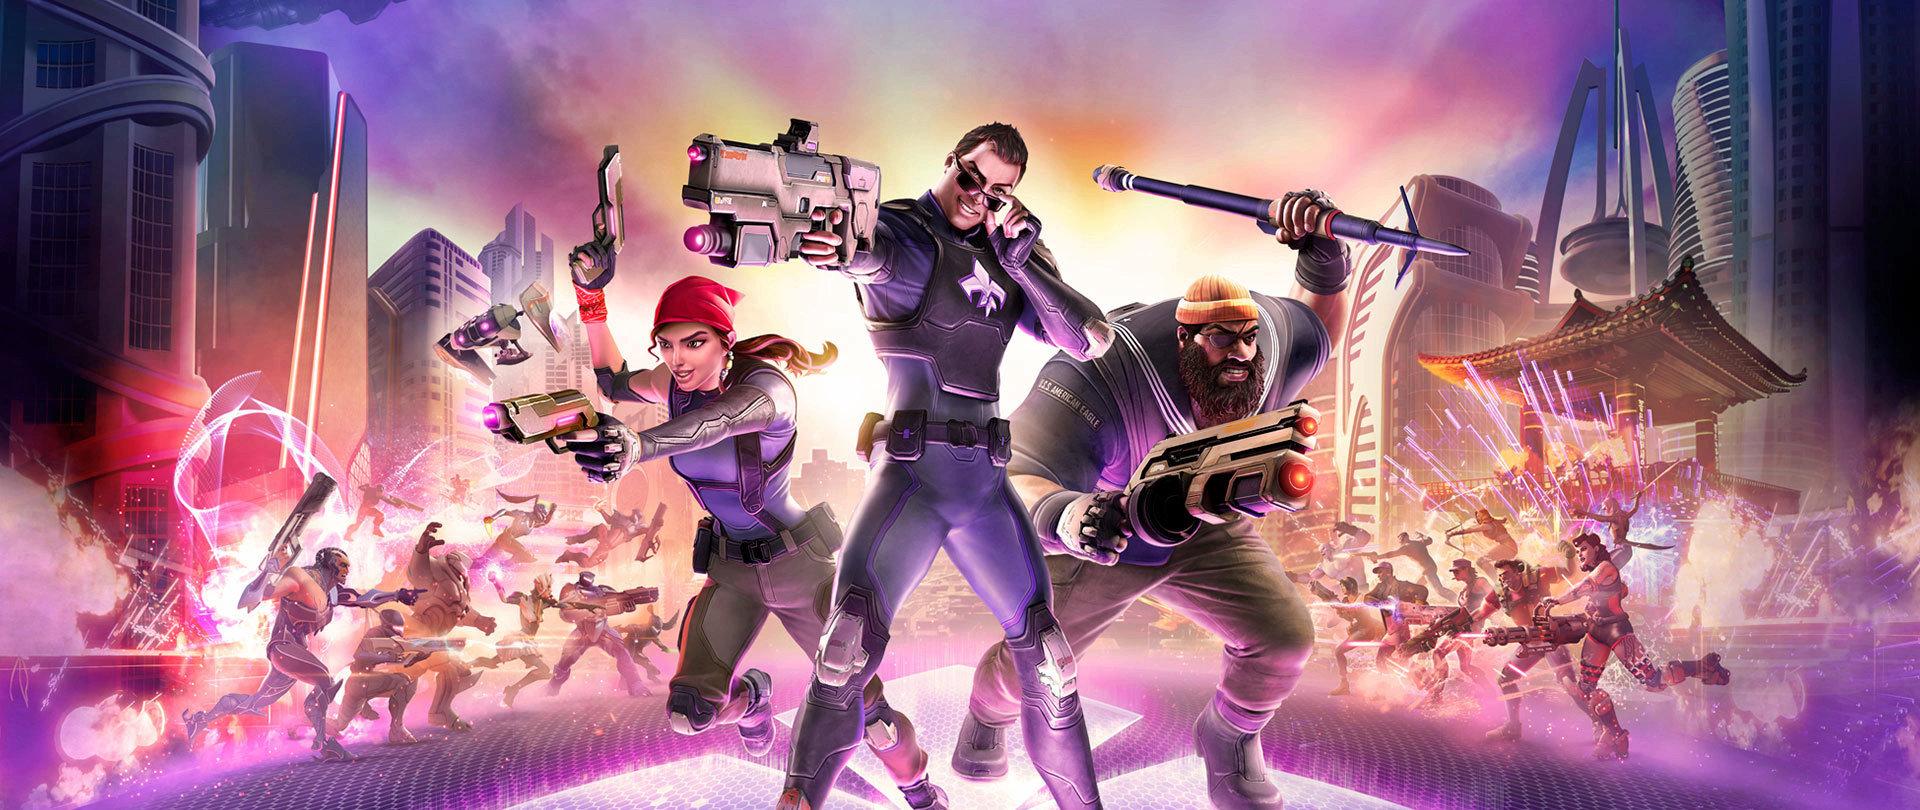 Buduj drużynę, zmieniaj bohaterów - esencja rozgrywki w Agents of Mayhem na nowym materiale wideo